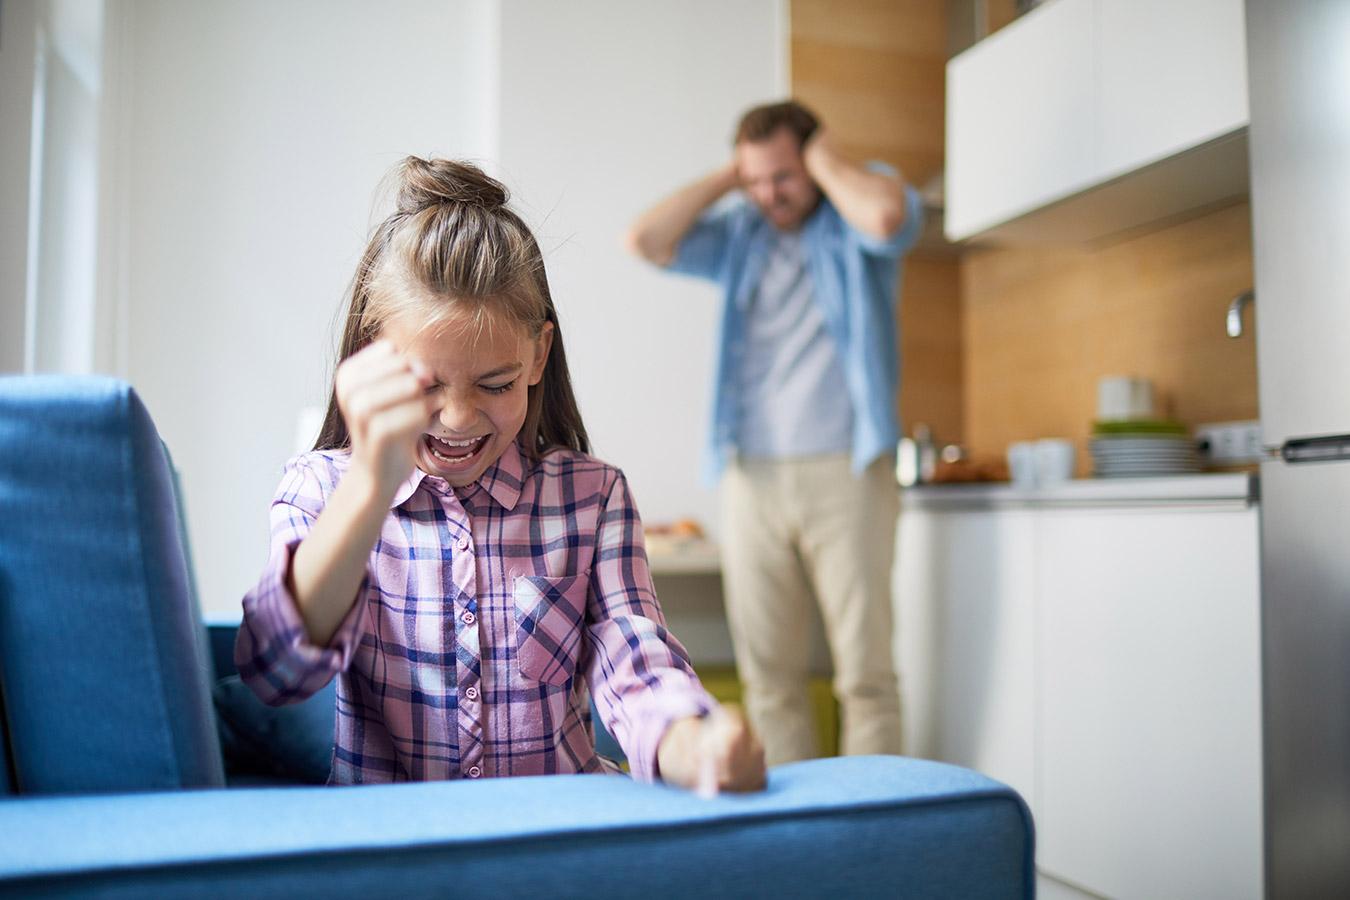 Zakłócanie spokoju w ciągu dnia przez dzieci – Sposób na głośne dzieci sąsiadów